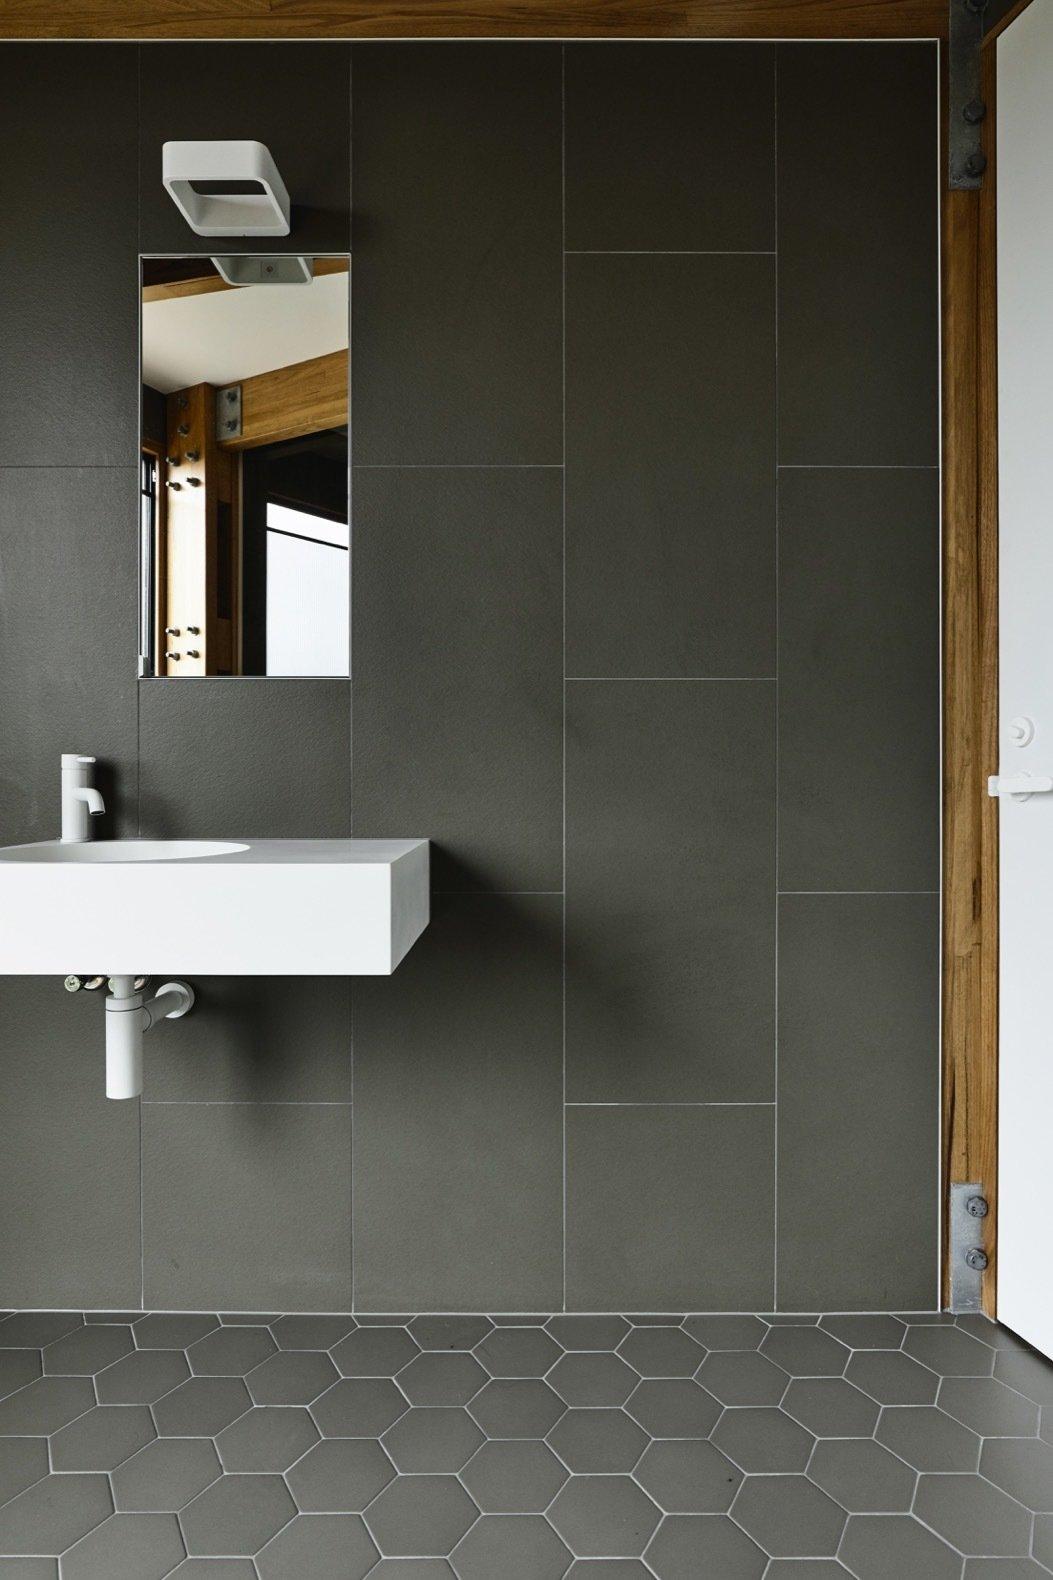 St Andrews Beach House porcelain bathroom tiles